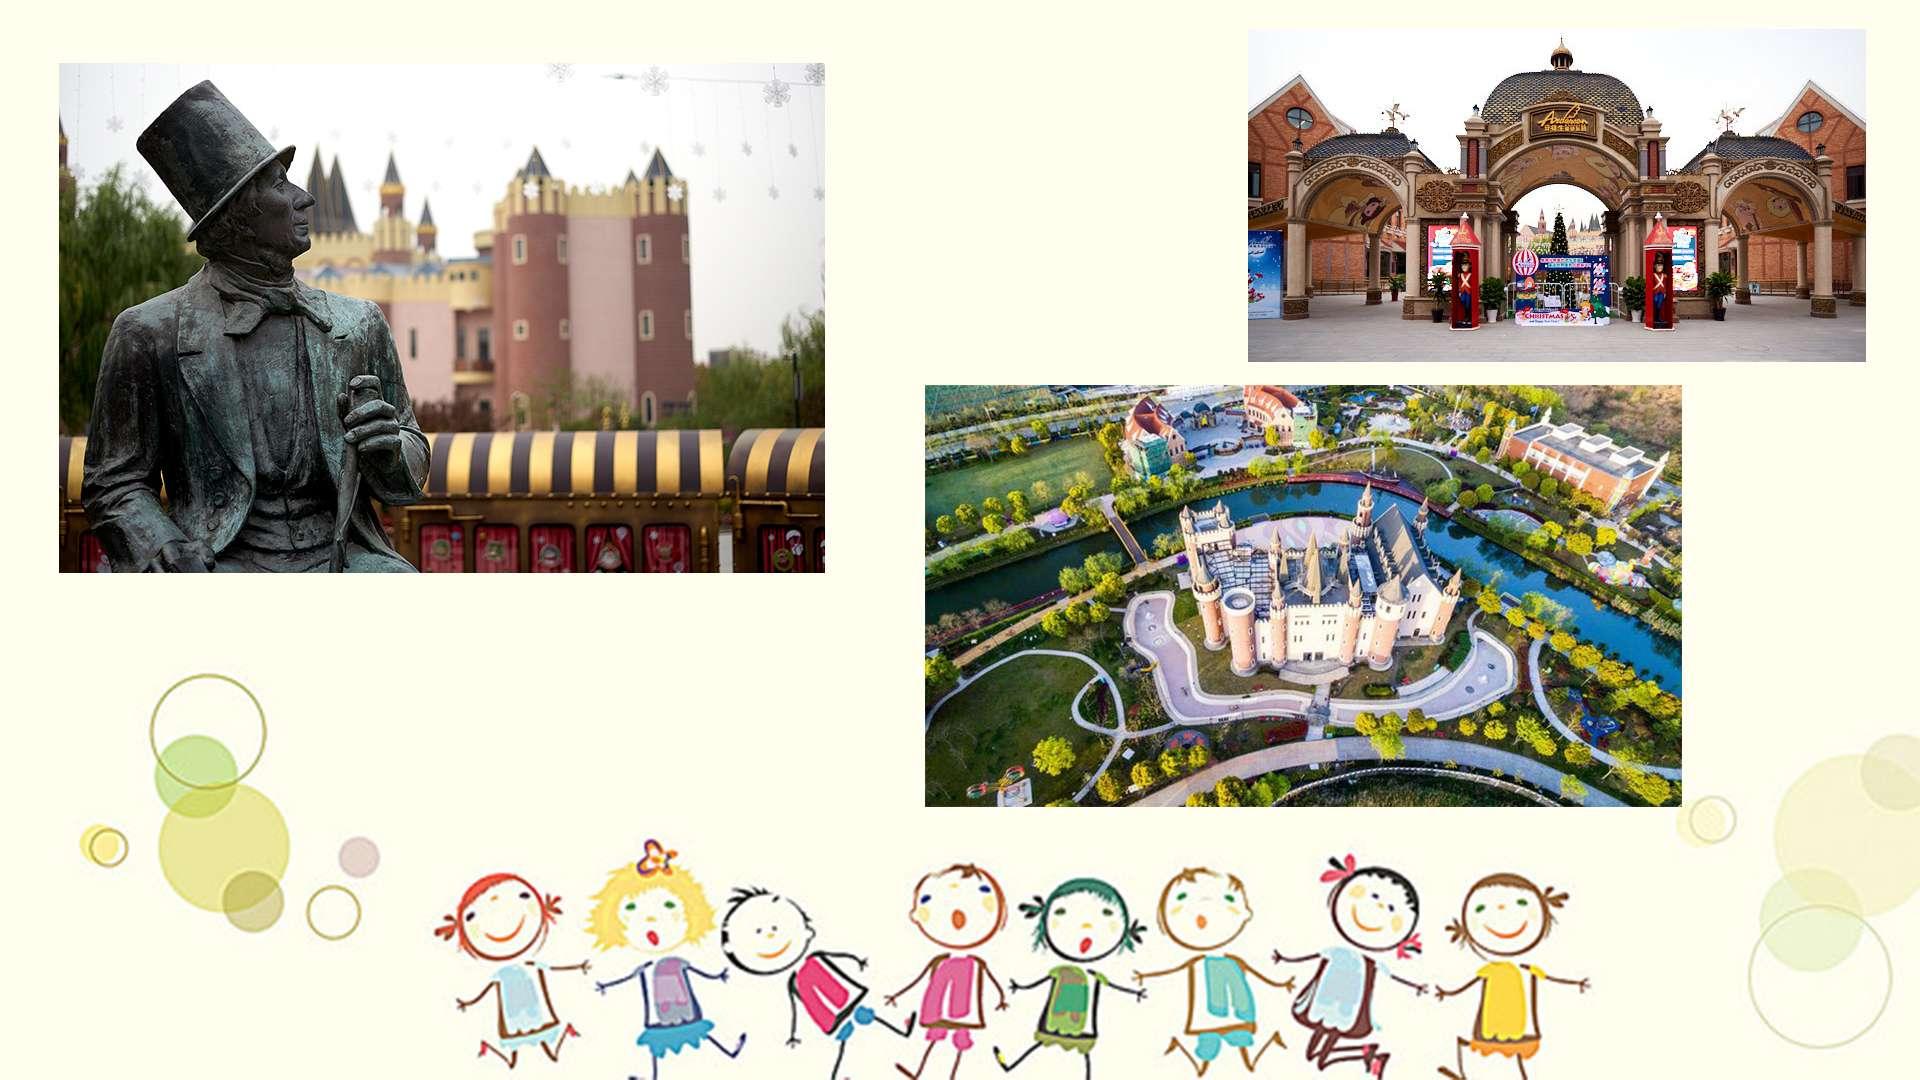 Parque de diversiones en Shanghai dedicado a Hans Christian Andersen